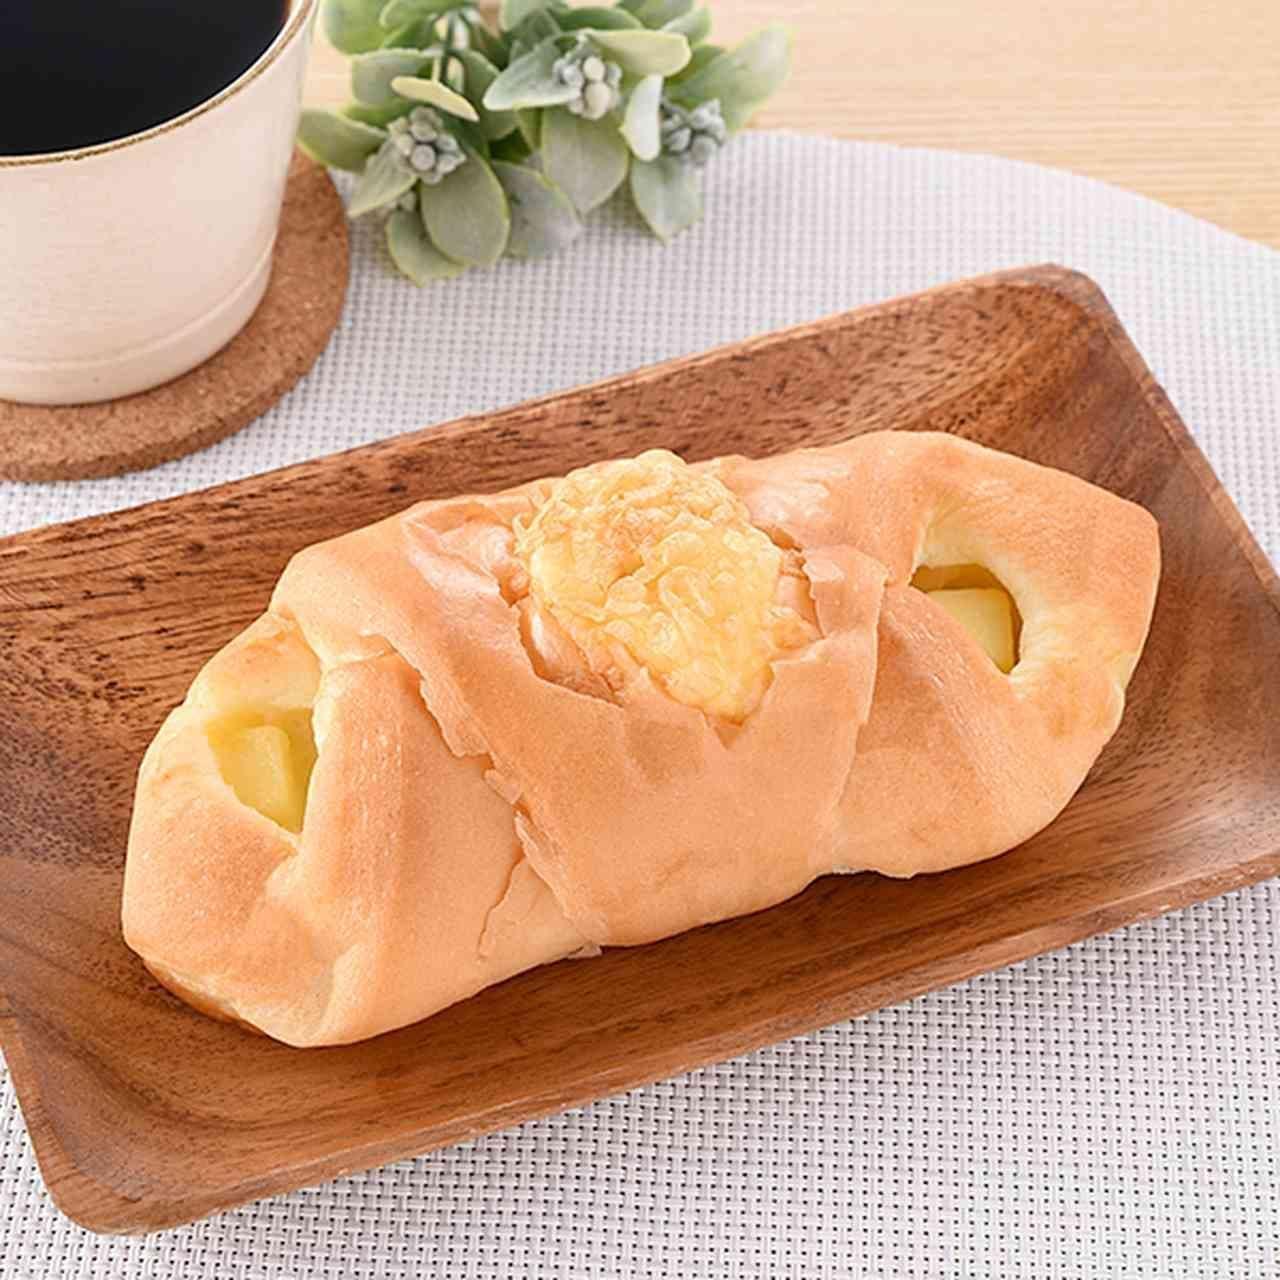 ファミマ新作パン「ブリュレ仕立てのシューデニッシュ」など2つの食感が楽しめる4種